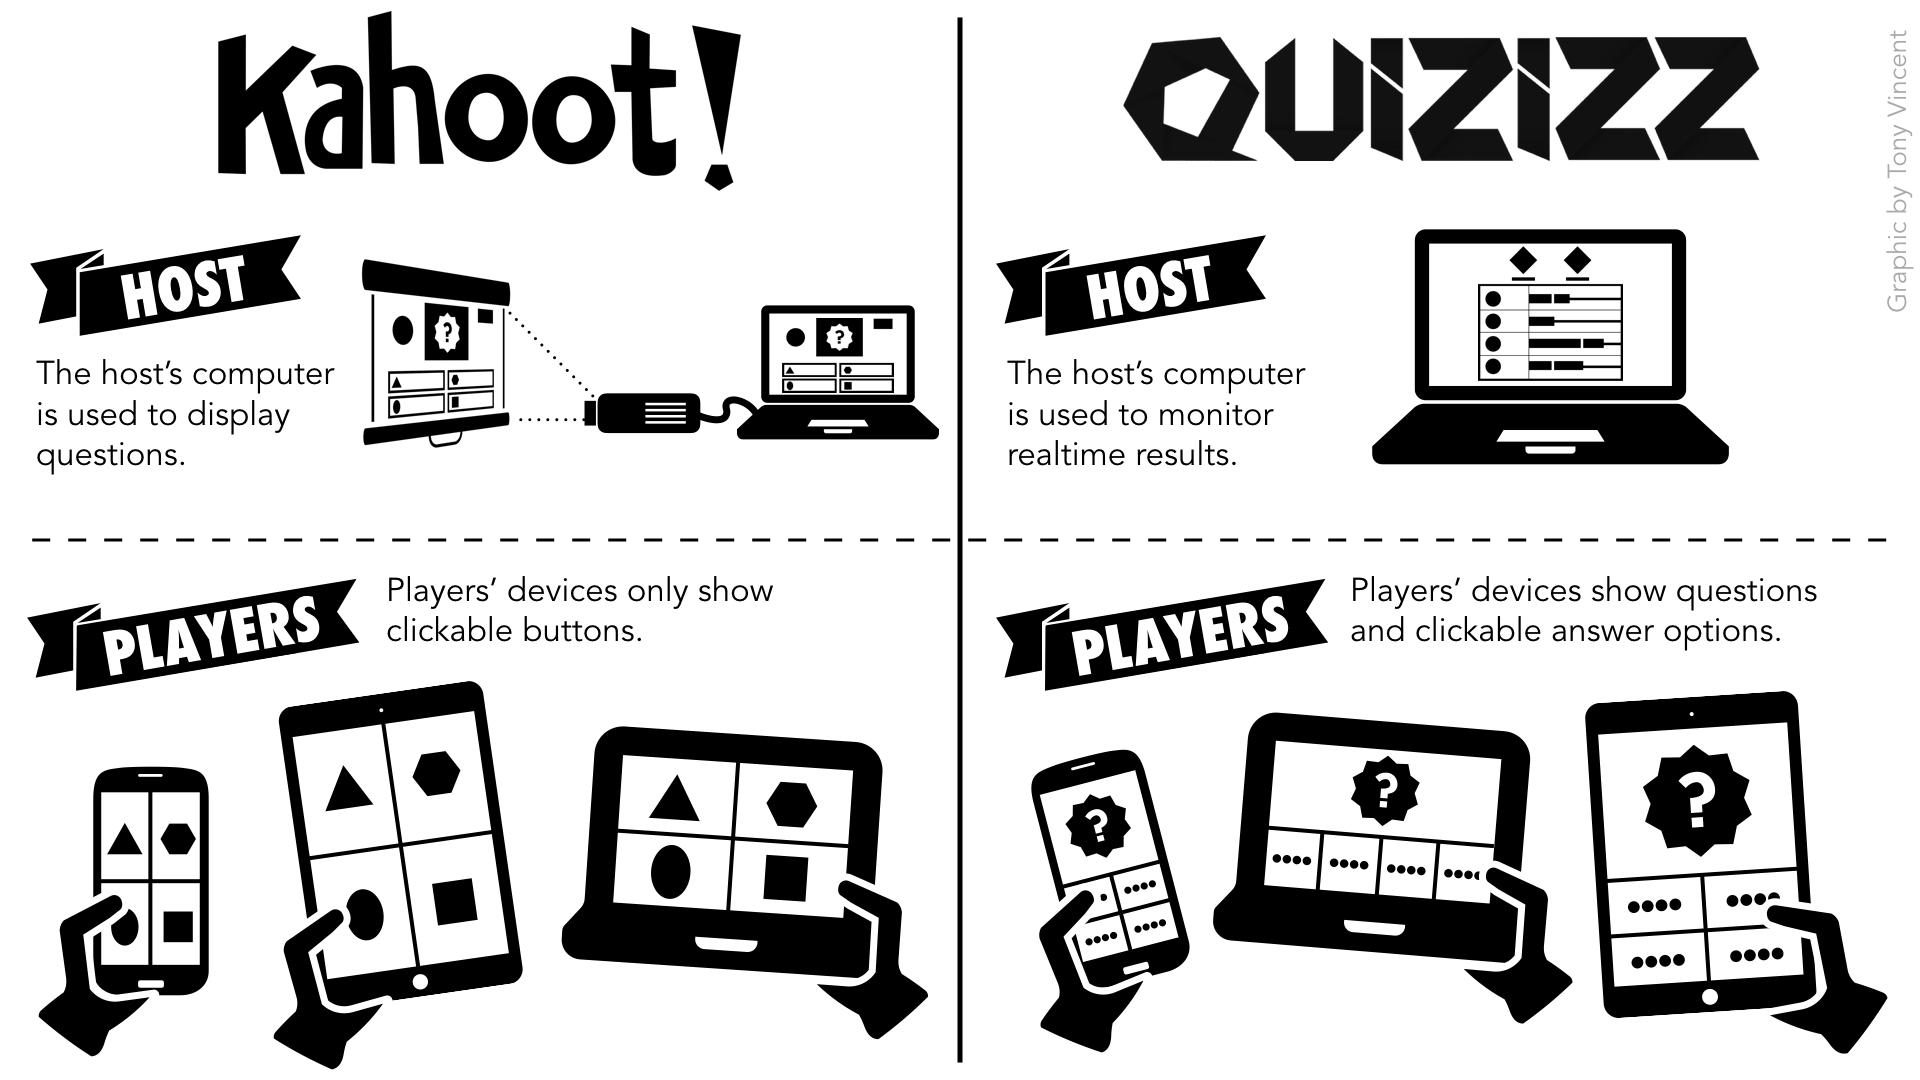 kahoot_vs_quizizz_tony_vincent.png